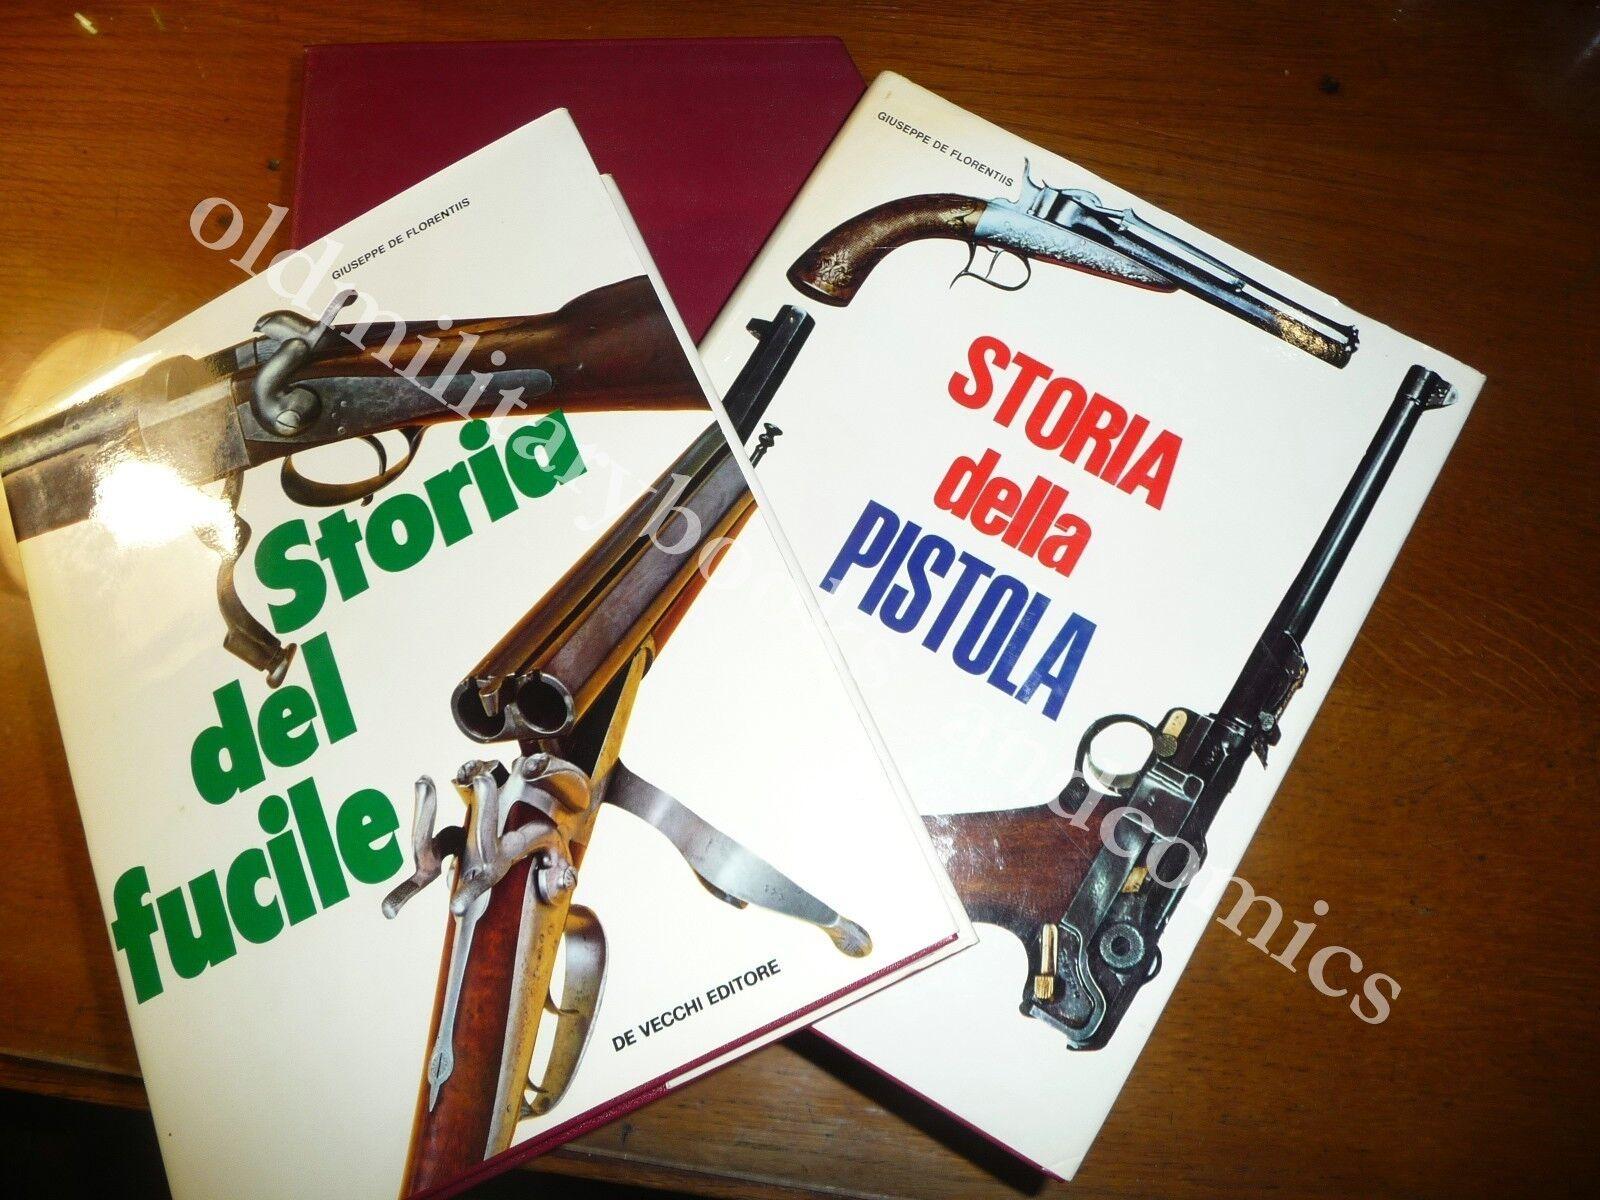 STORIA DELLA PISTOLA STORIA DEL FUCILE DE FLORENTIS 2 Vol IN COFANETTO rarissimo